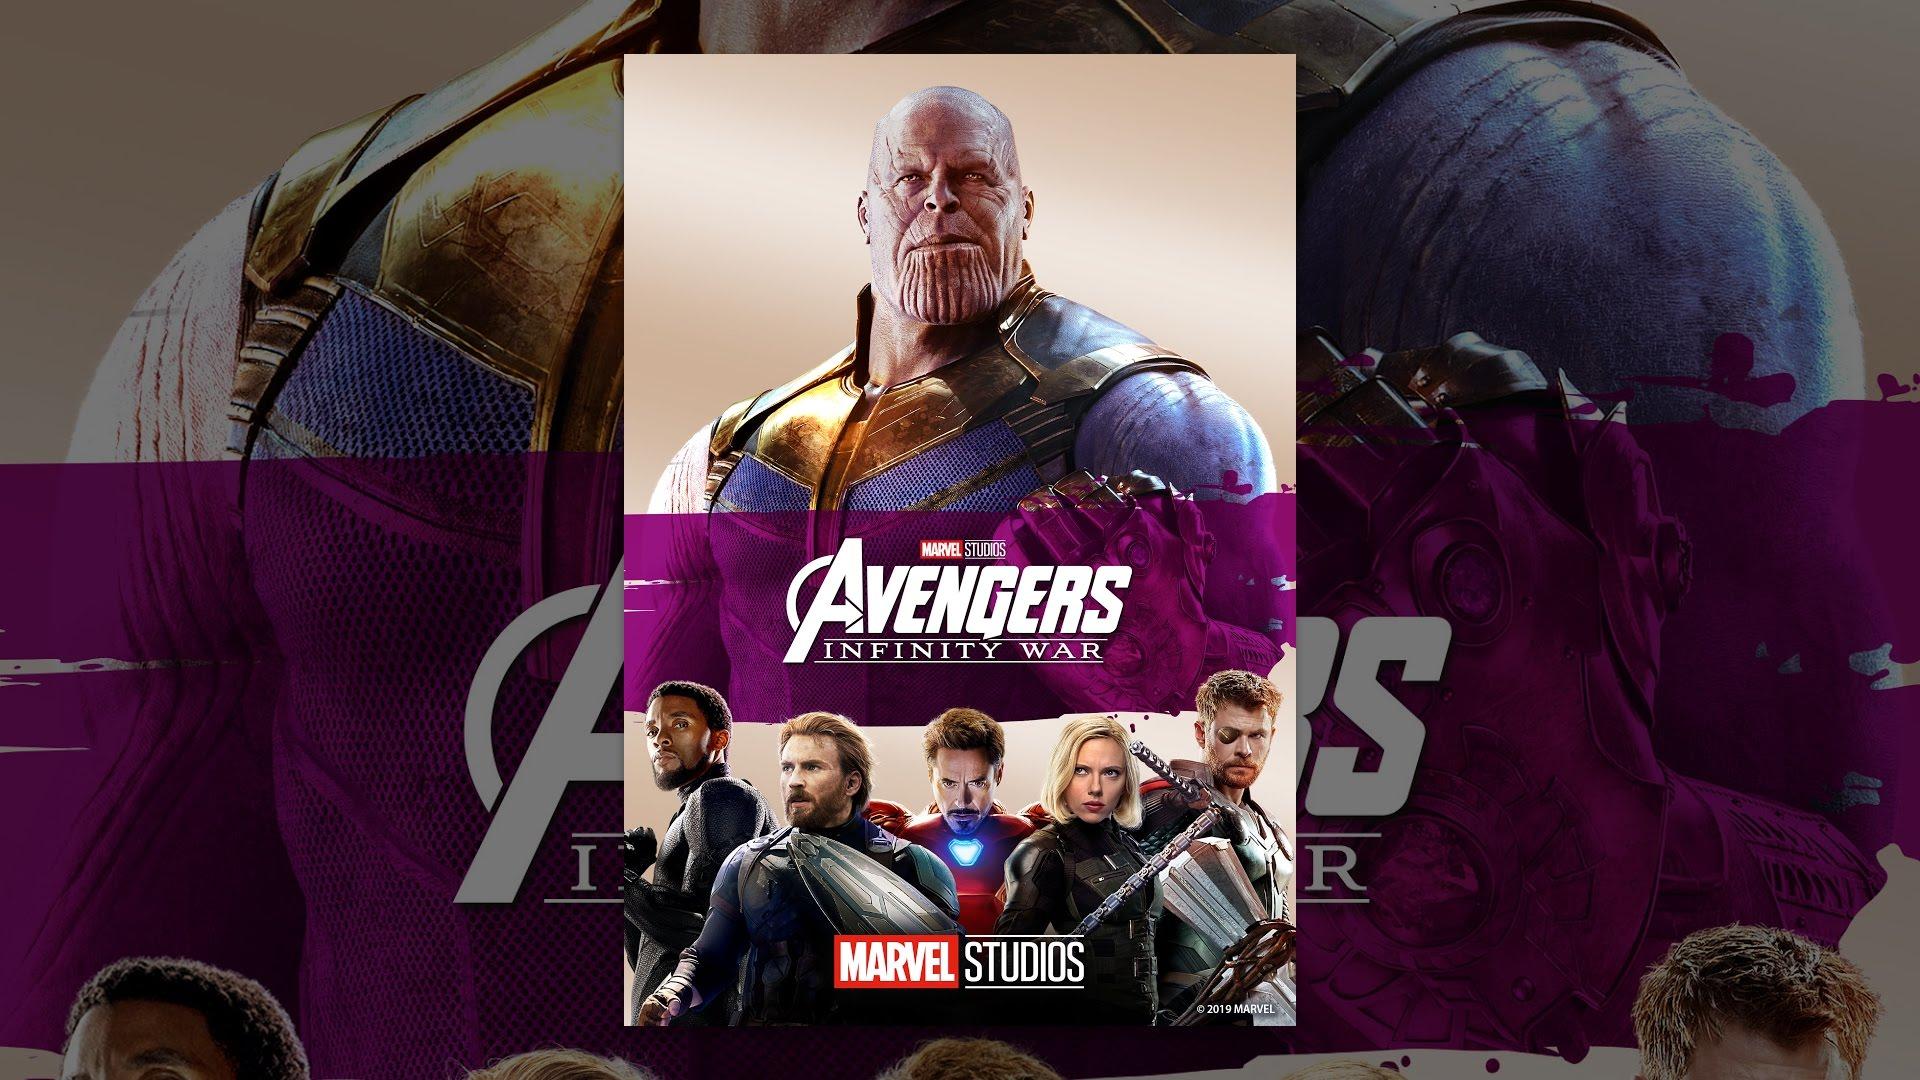 Download Marvel Studios' Avengers: Infinity War